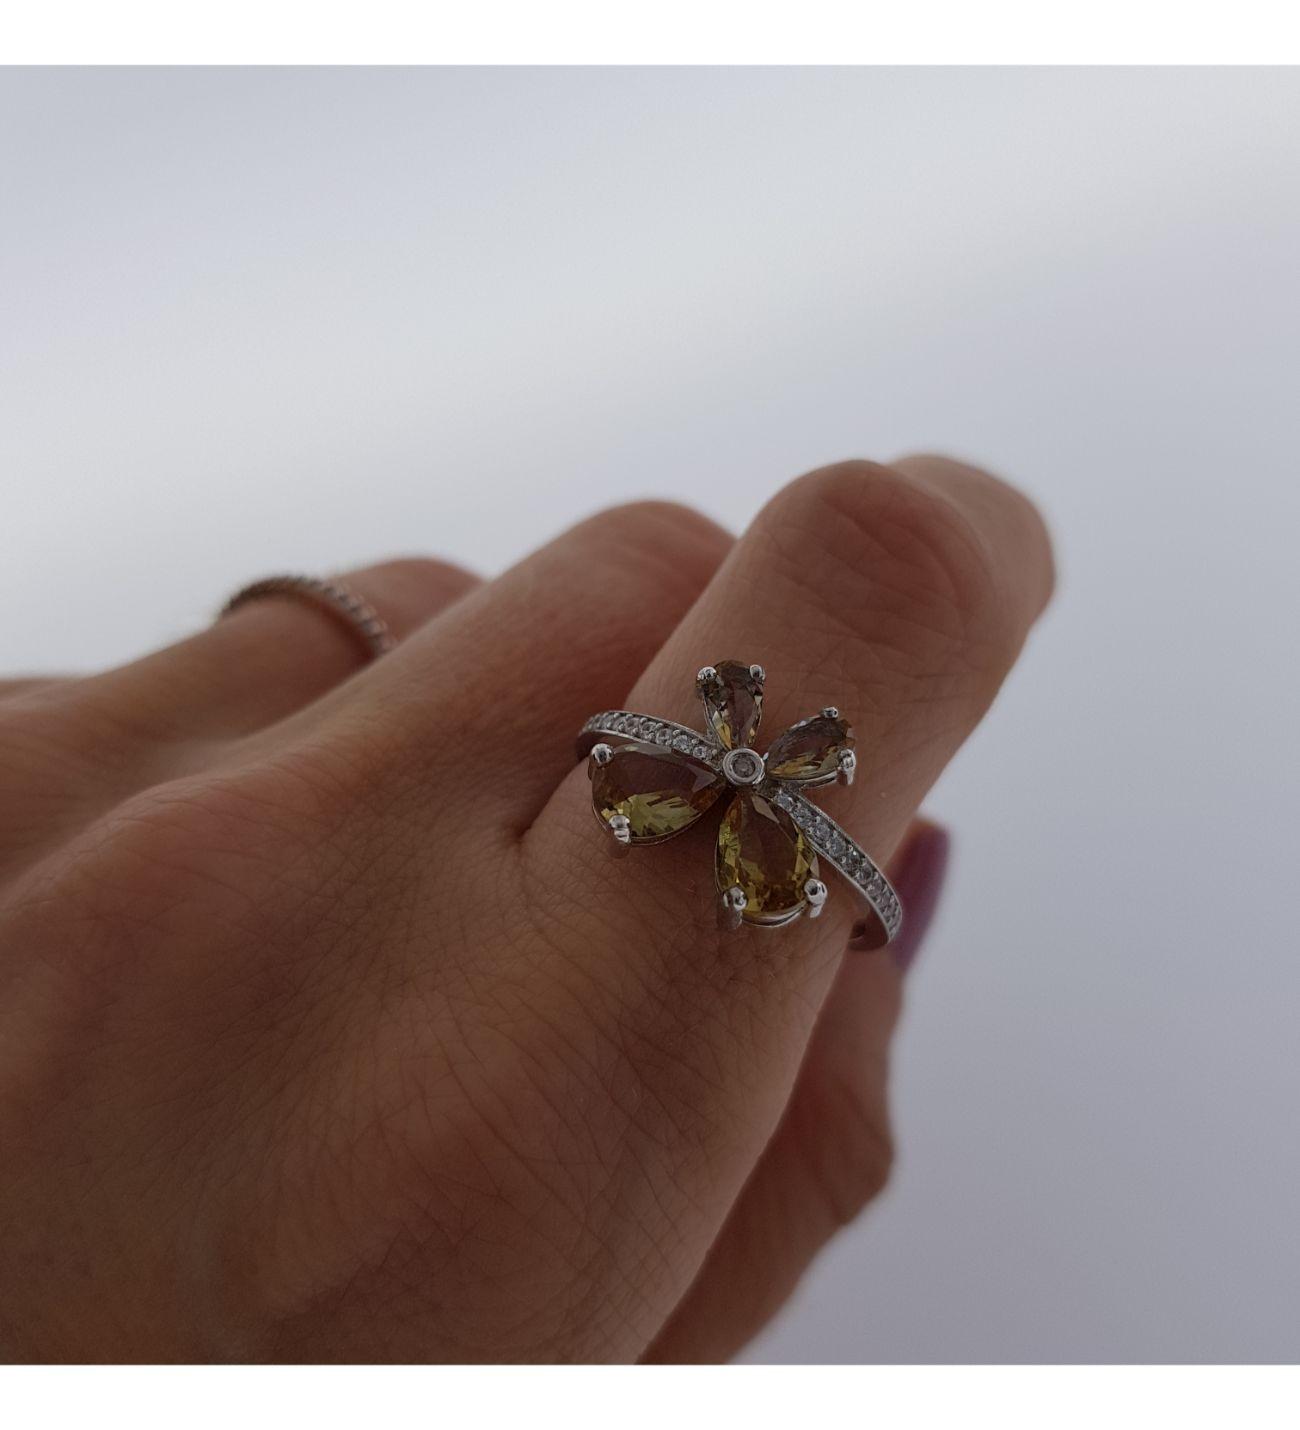 Nevinci Zultanite Kelebek Yüzük Fotoğrafı